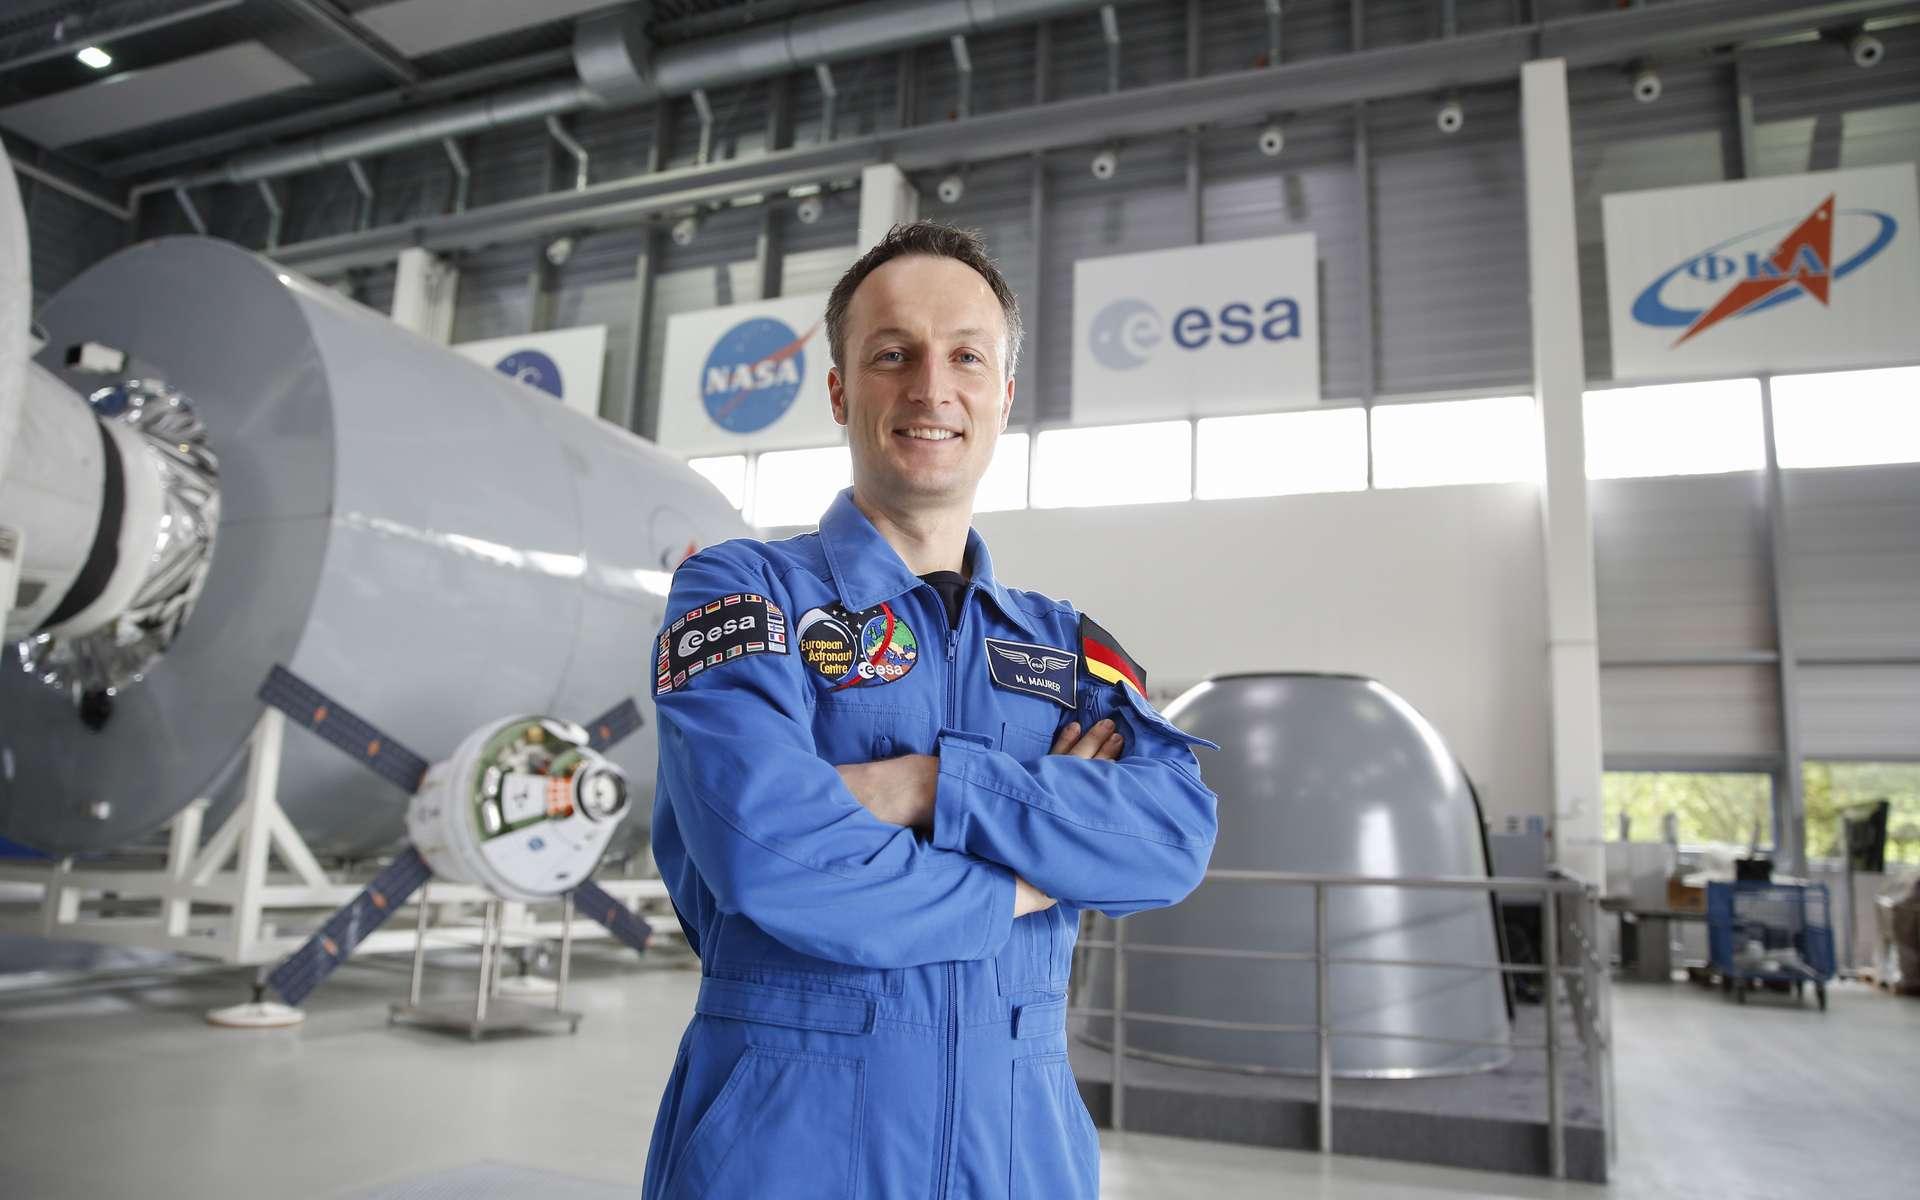 L'Européen Matthias Maurer (ici au centre européen des astronautes à Cologne, en Allemagne) se rendra dans la Station spatiale à bord de Crew Dragon-3 en 2021. © ESA, Sabine Grothues